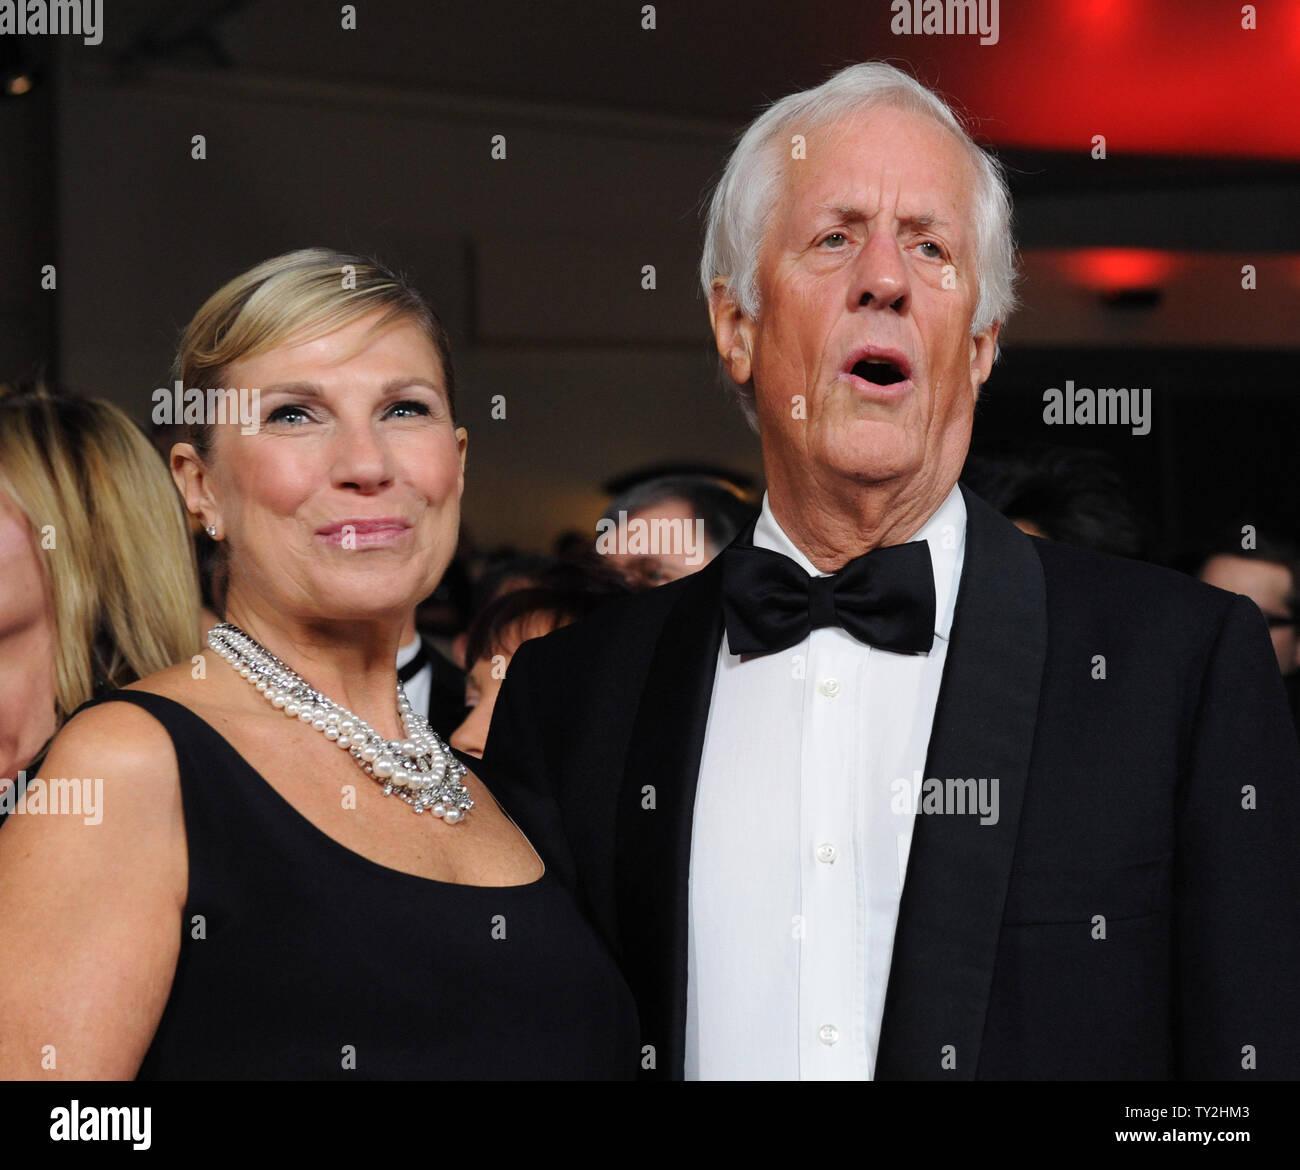 Michael Apted y un invitado asistir a la 64ª anual de Directors Guild of America Awards en Los Angeles el 28 de enero de 2012. UPI/Jim Ruymen Imagen De Stock